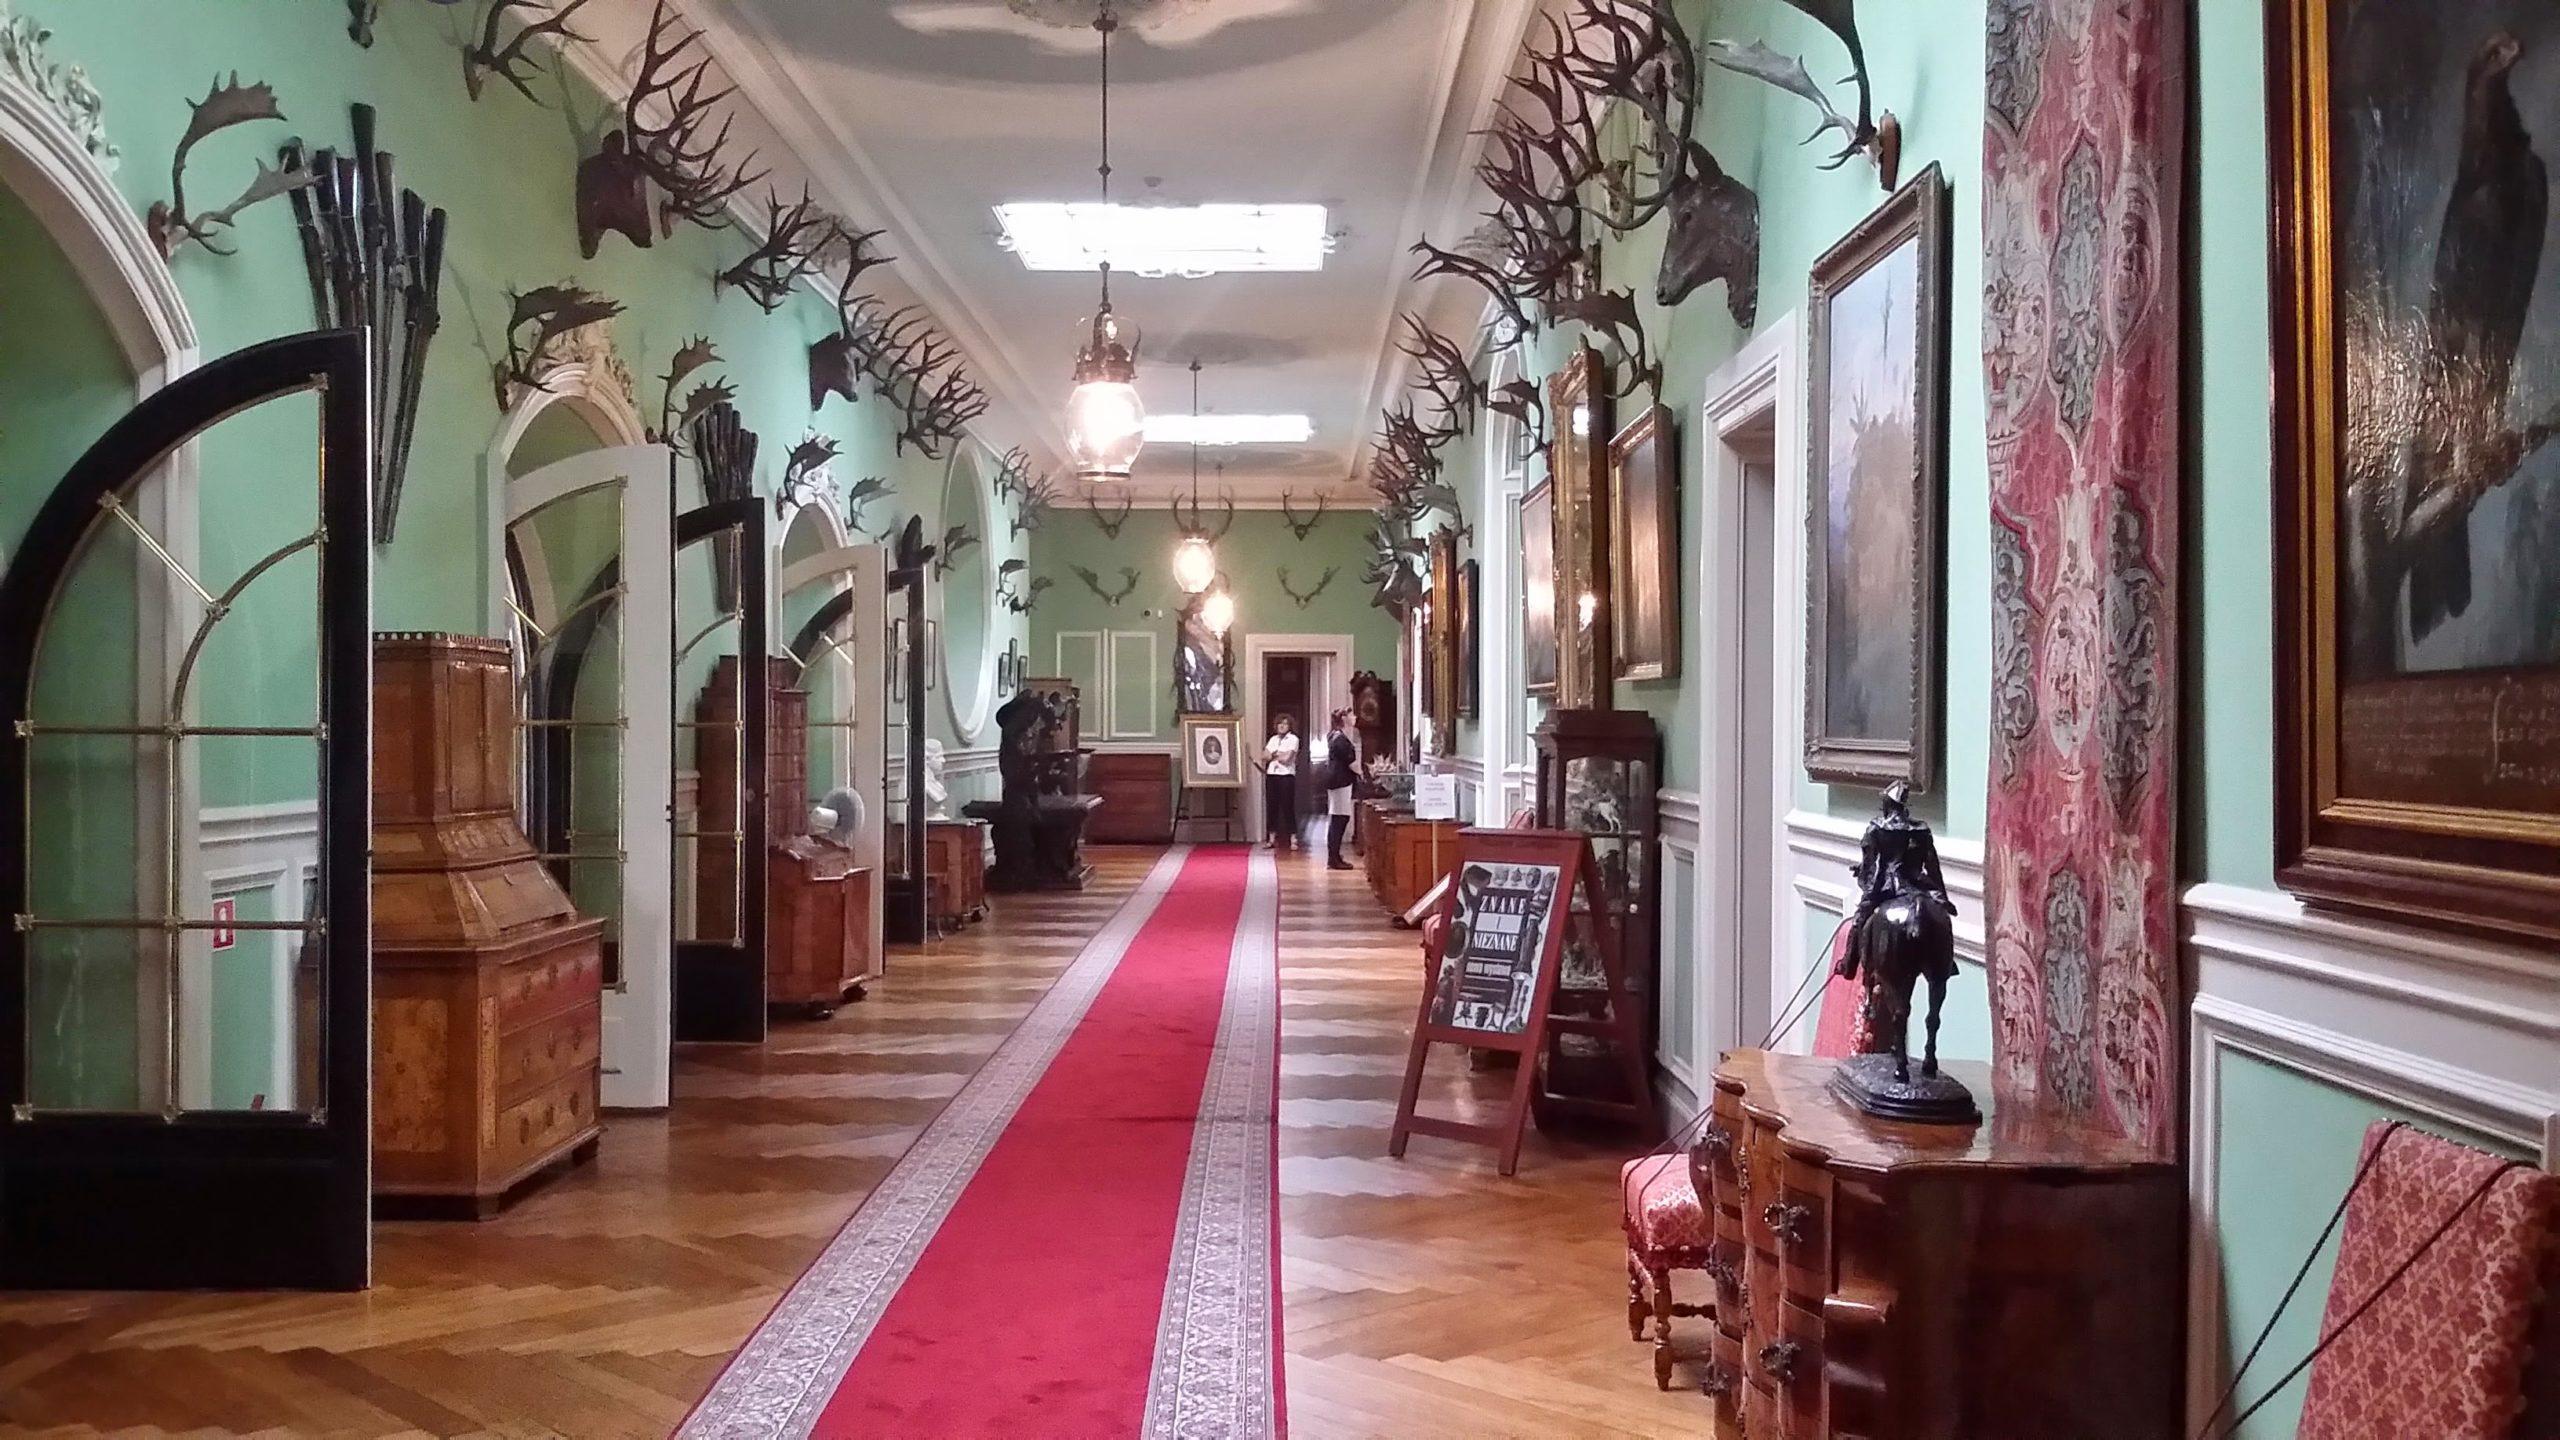 Muzeum Zamkowe w Pszczynie [wirtualny spacer]